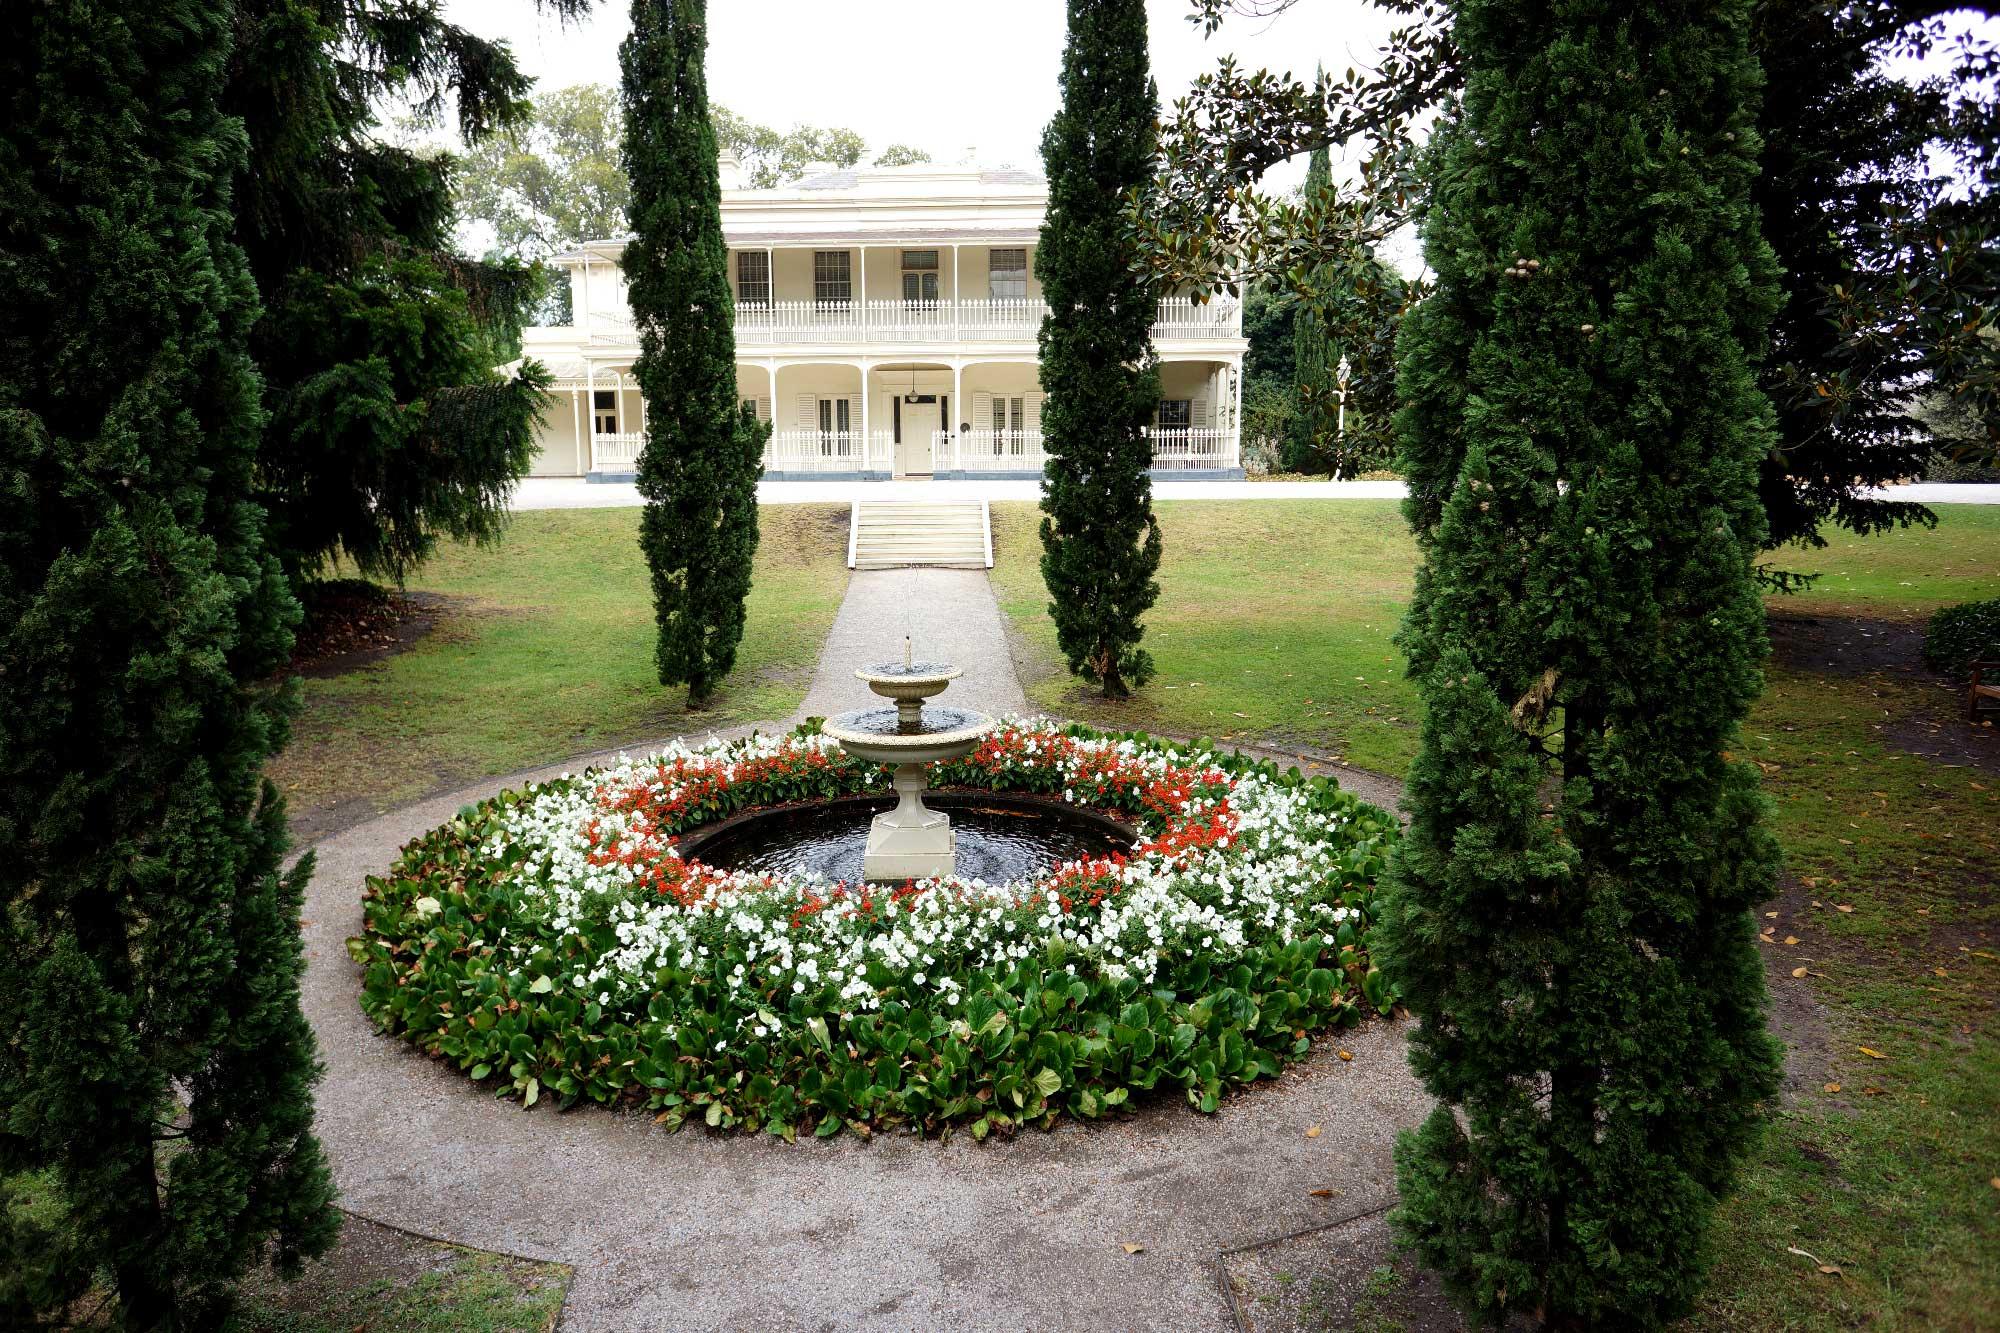 Como House and Garden